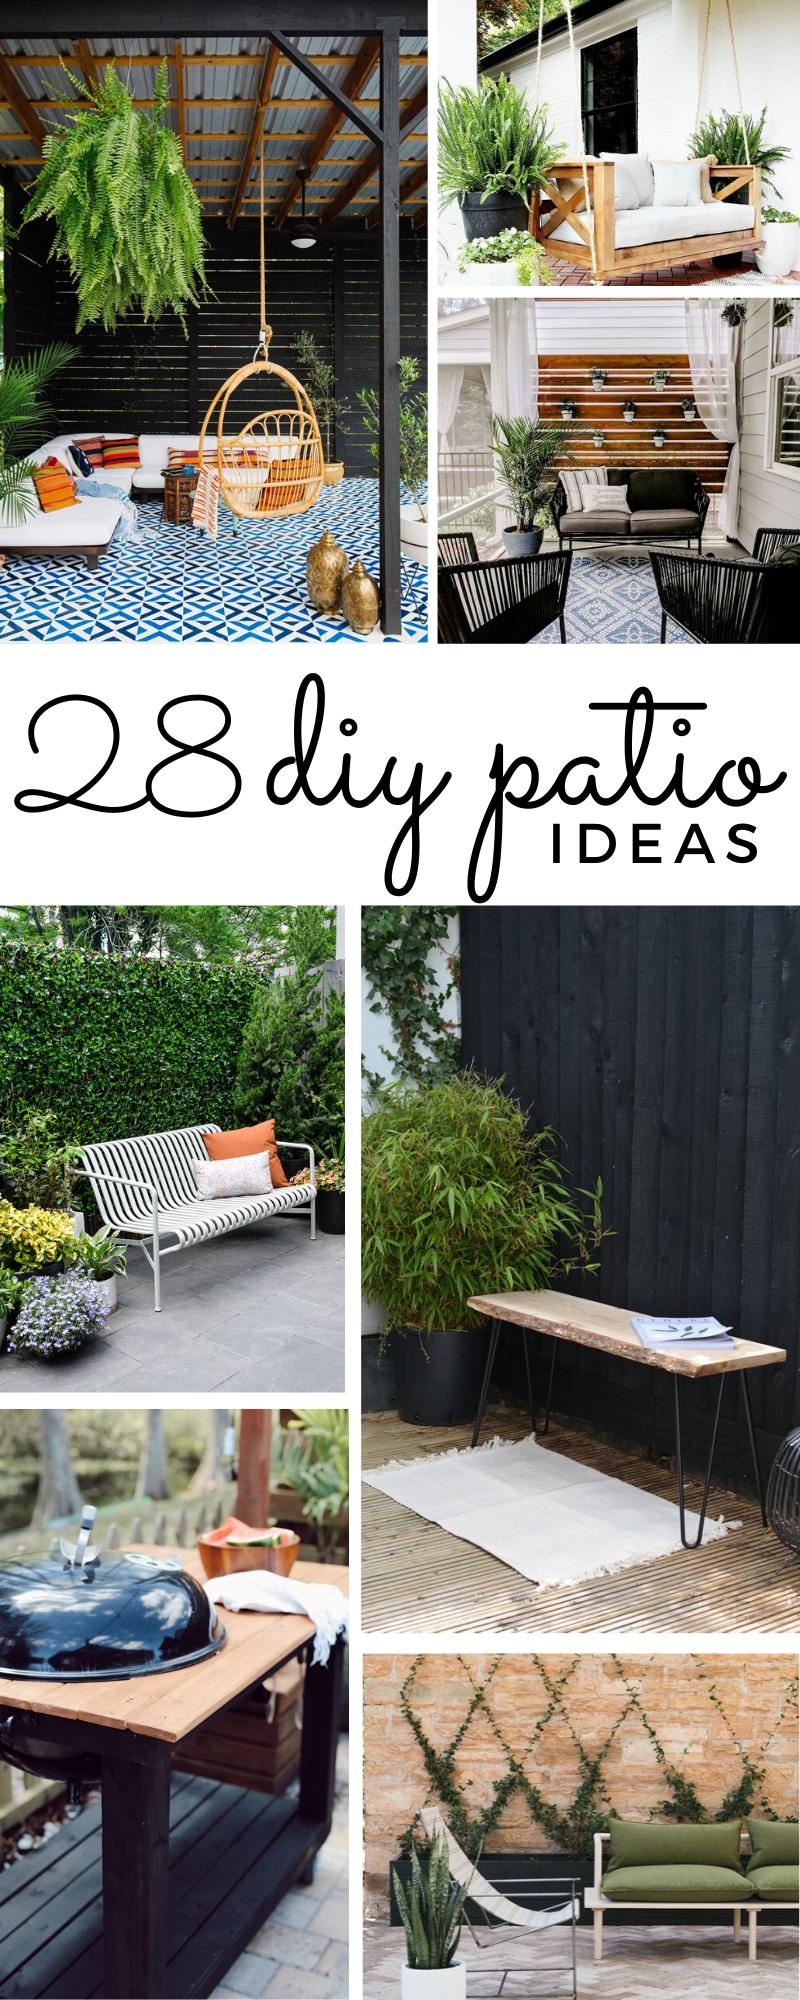 28 easy diy patio ideas to transform